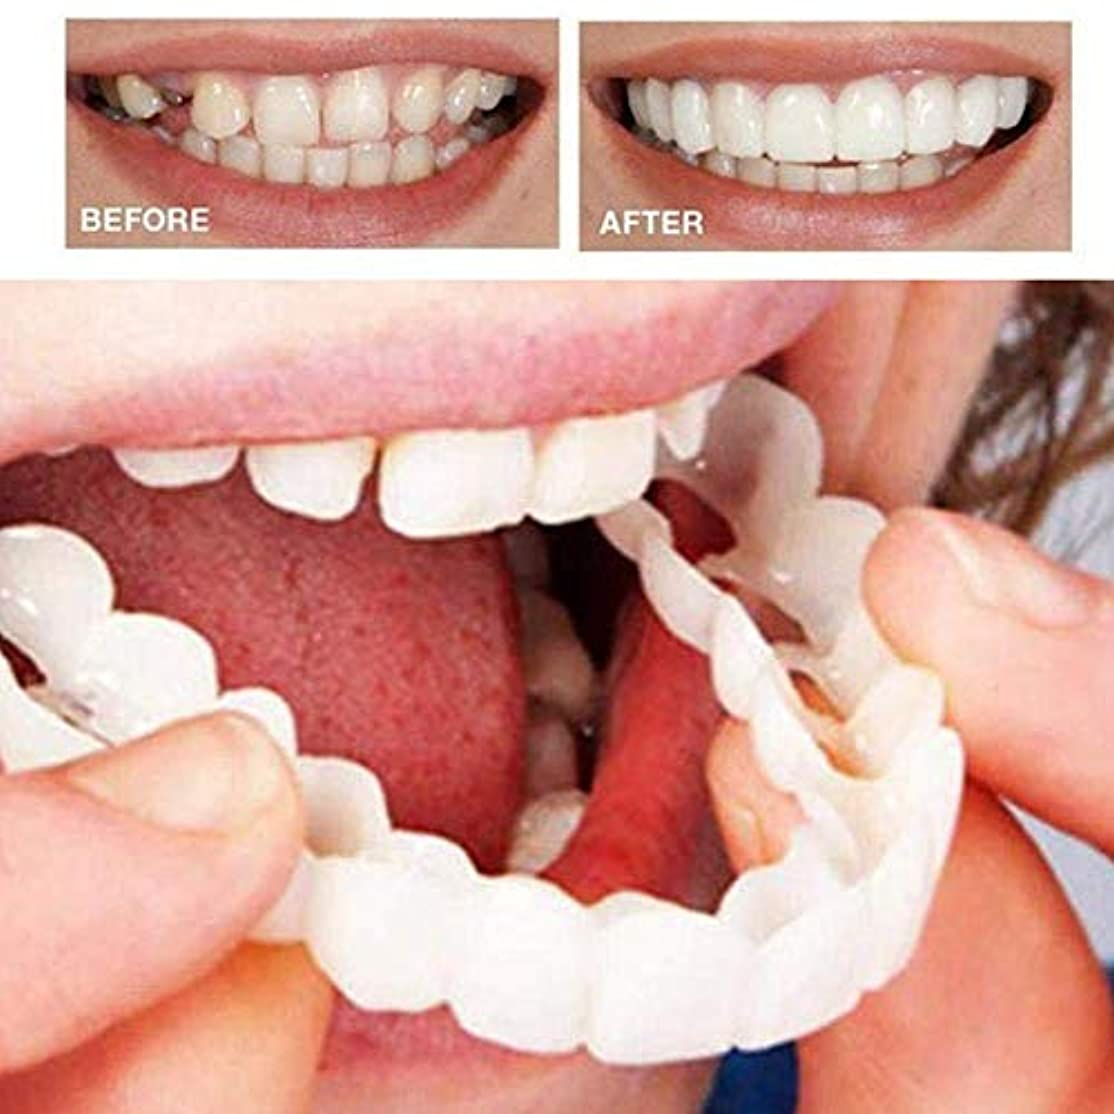 勇者経験周波数6本の偽の歯の上、美しいインスタント歯科用化粧板の笑顔の快適なフィットフレックス化粧品の歯義歯の歯のトップ化粧品のベニヤ、ワンサイズフィット矯正